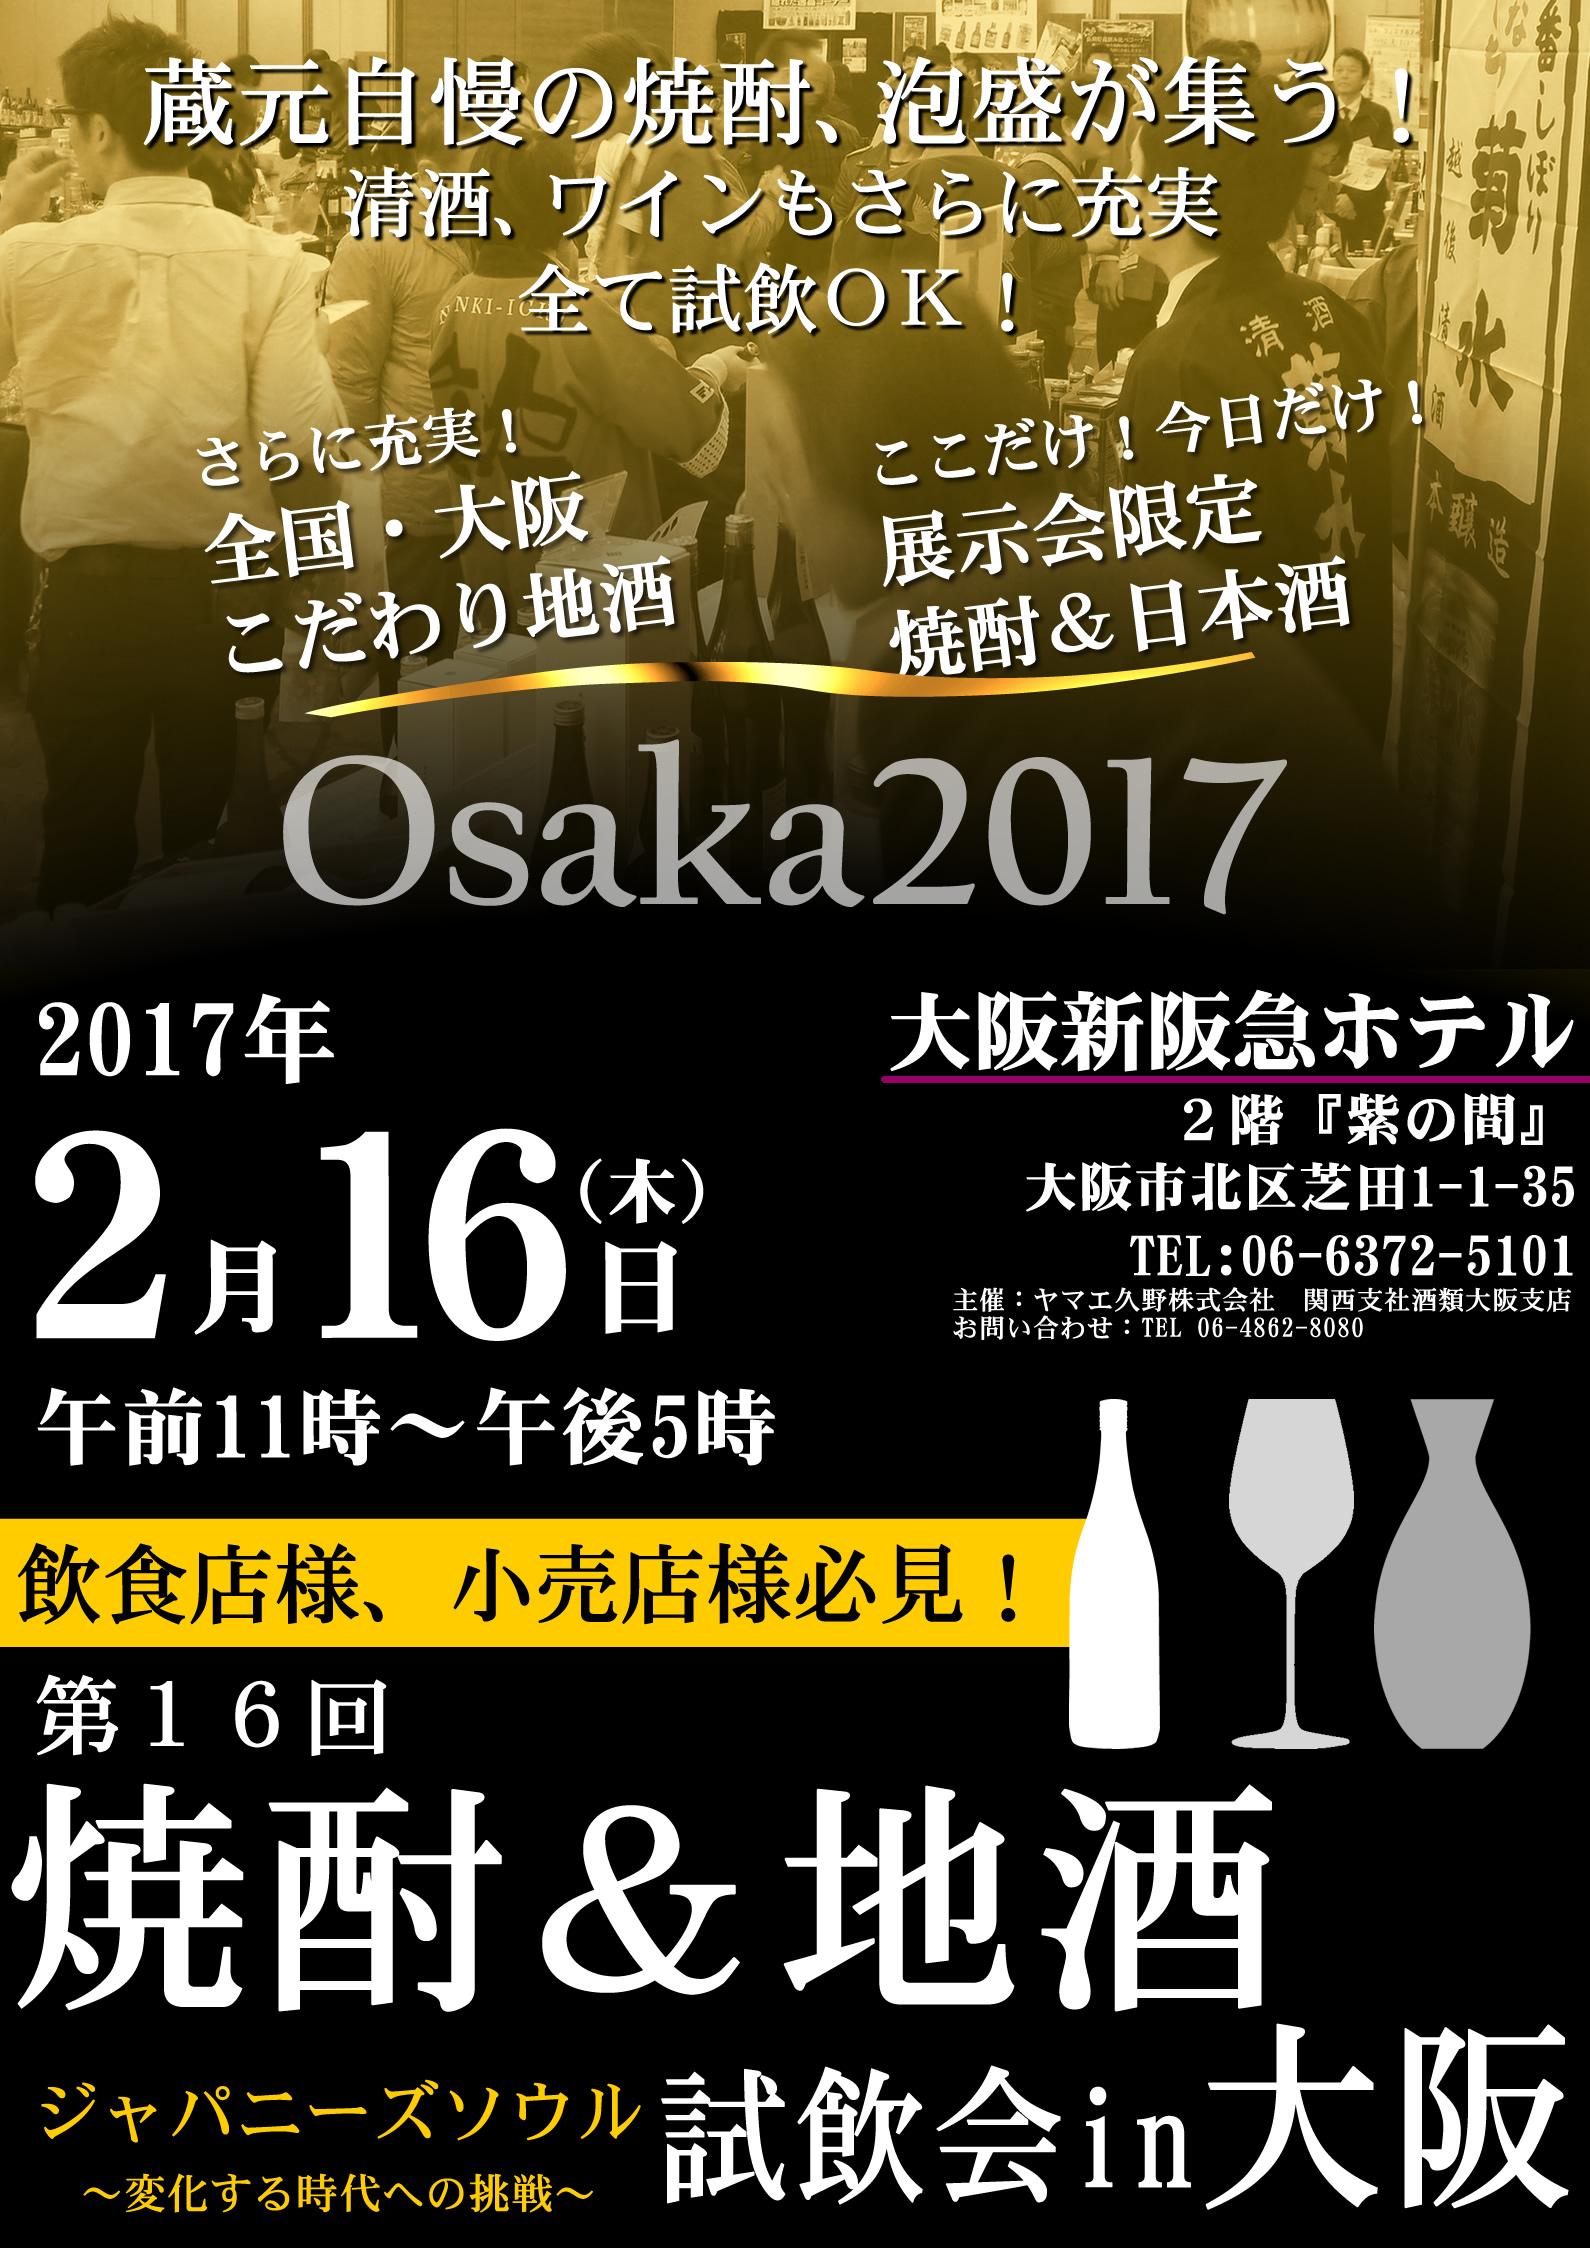 2017osaka_img1